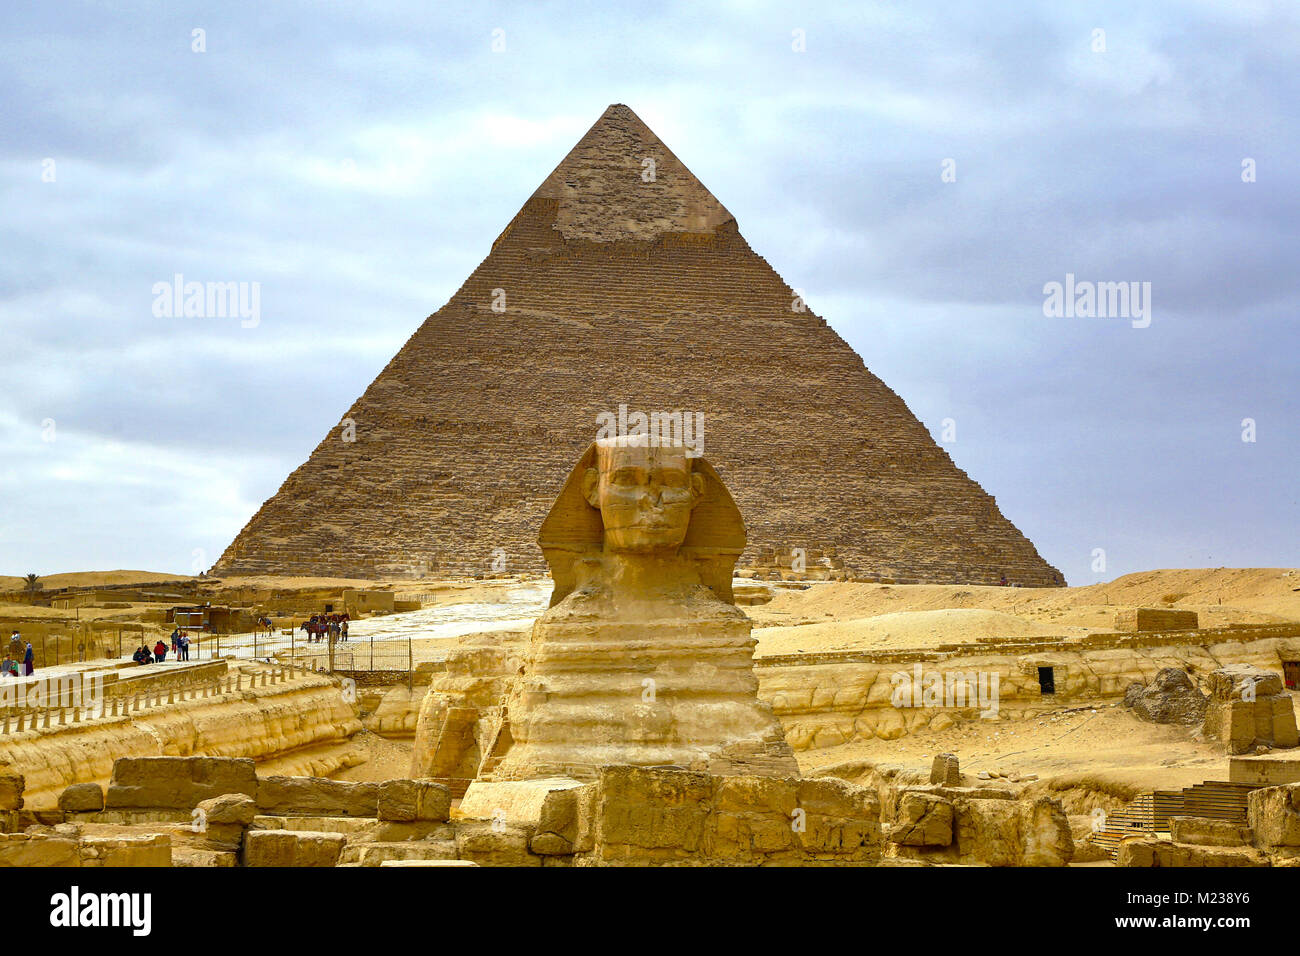 La grande statua della Sfinge e la piramide di Khafre sull'Altopiano di Giza, il Cairo, Egitto Immagini Stock